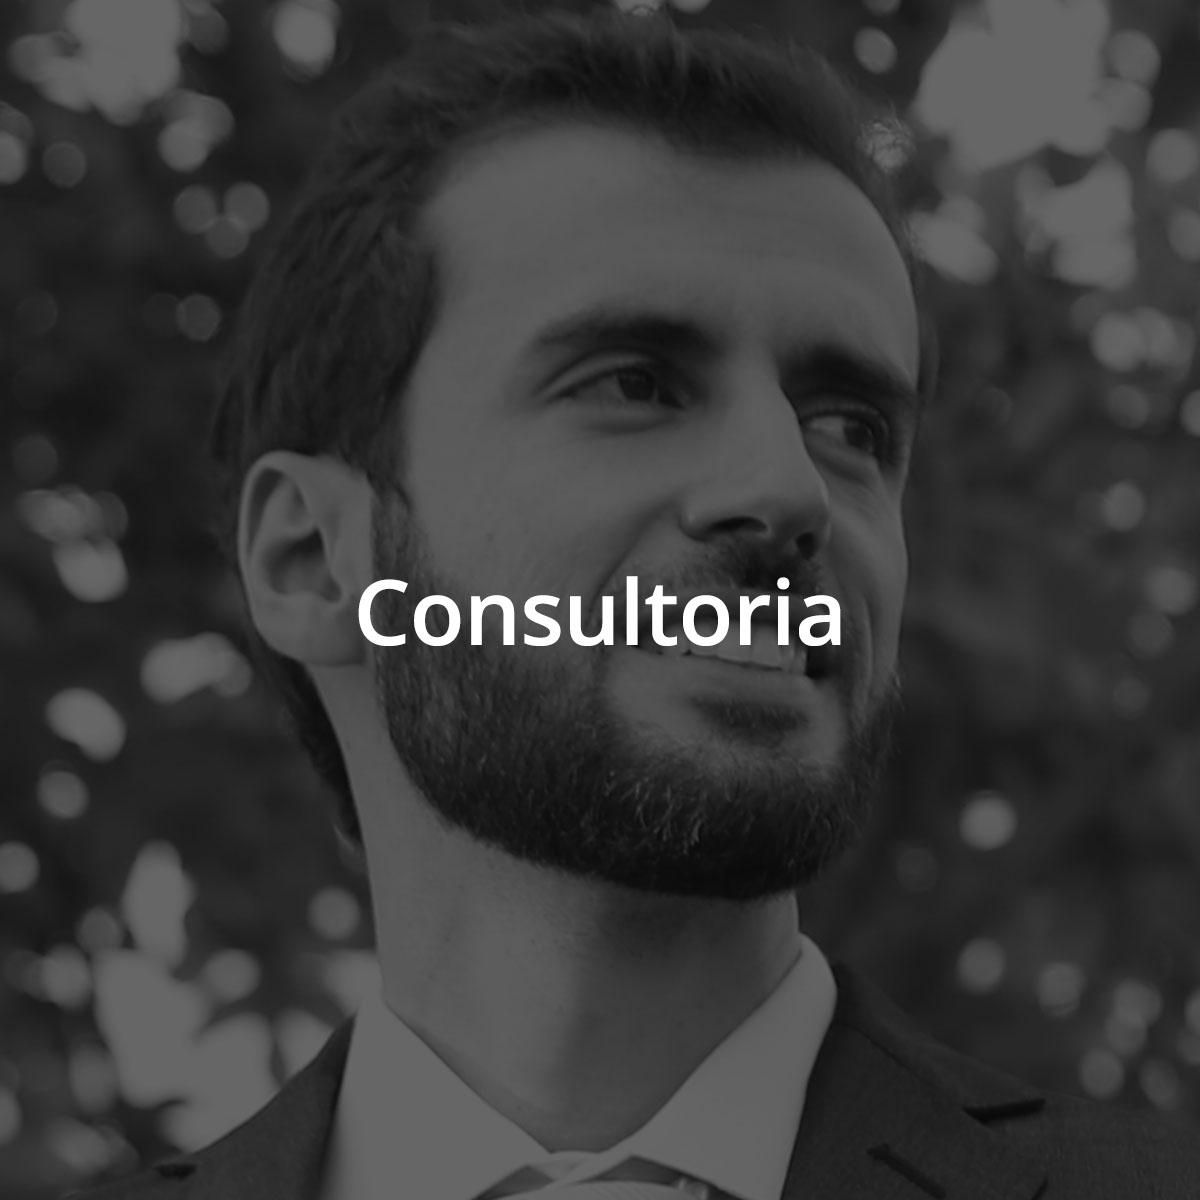 servico-consultoria-2